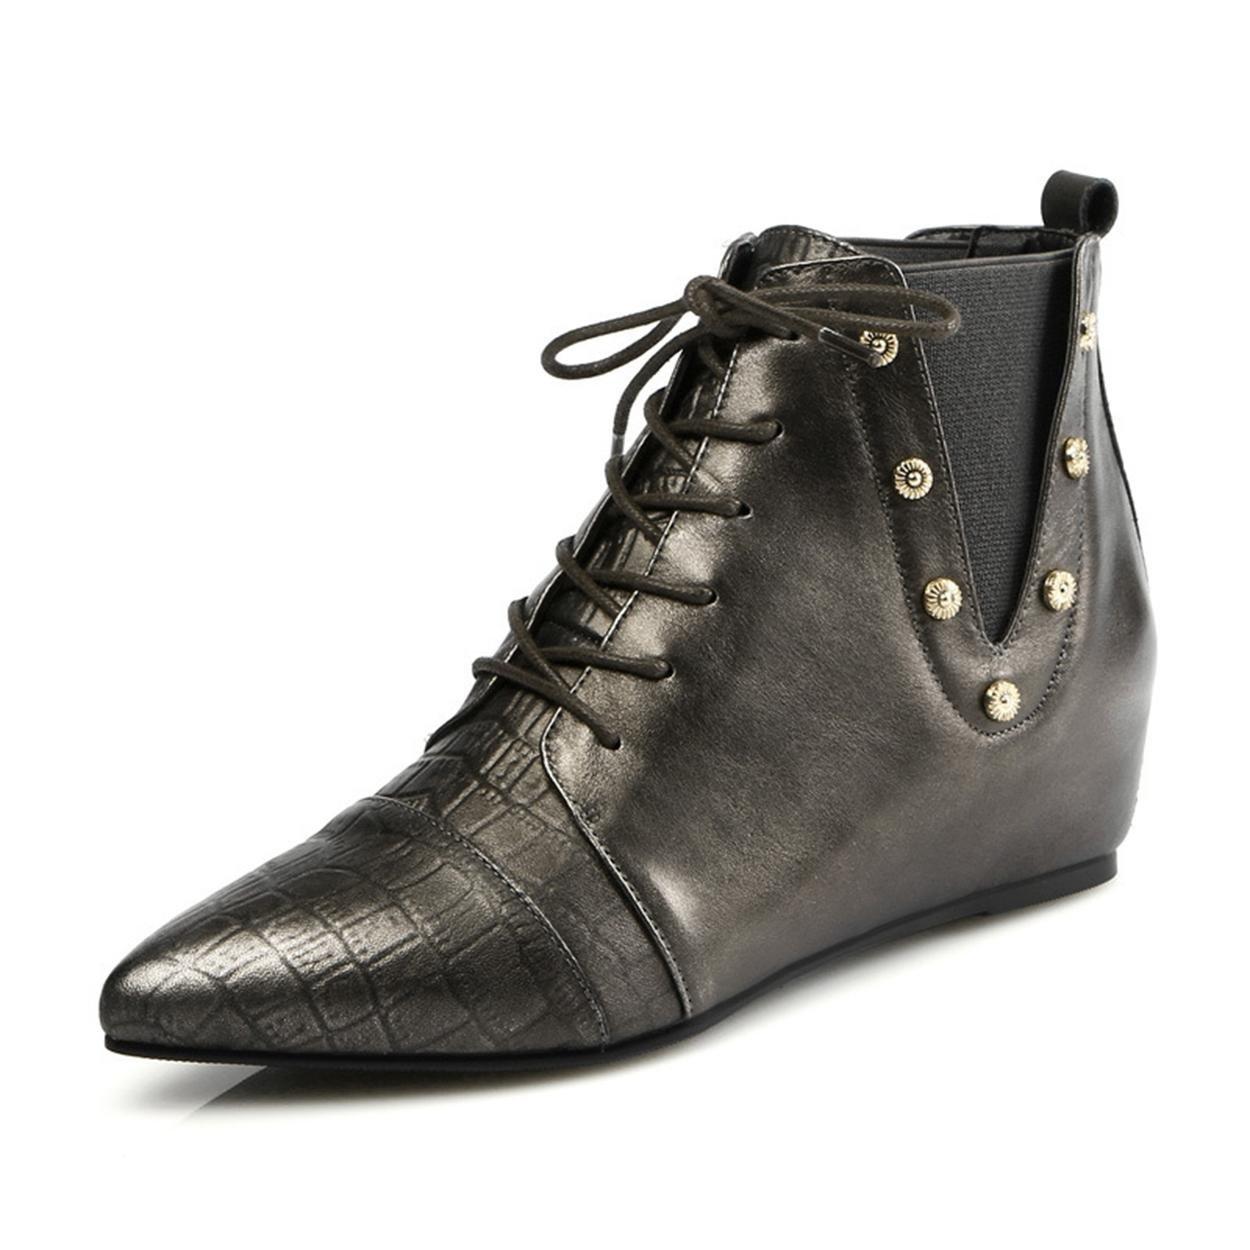 WSS Shoes - Zapatillas de triatlón para niña, color plateado, talla 39 UE: Amazon.es: Zapatos y complementos